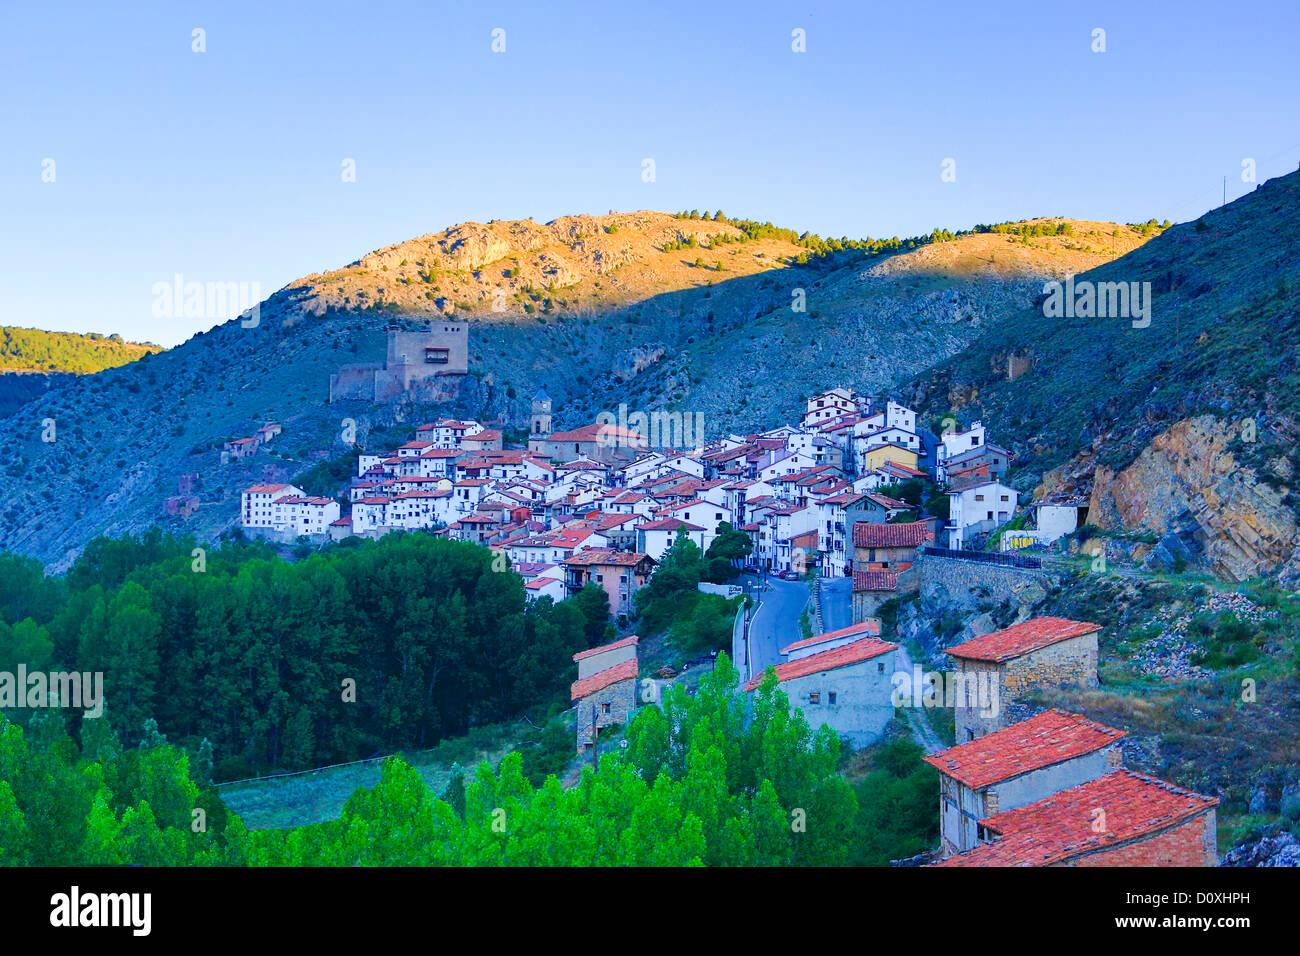 Spagna, Europa, Aragona, Teruel, Provincia, Maestrazgo, Alcala de la Selva, Teruel, architettura, castello, paesaggio, Immagini Stock